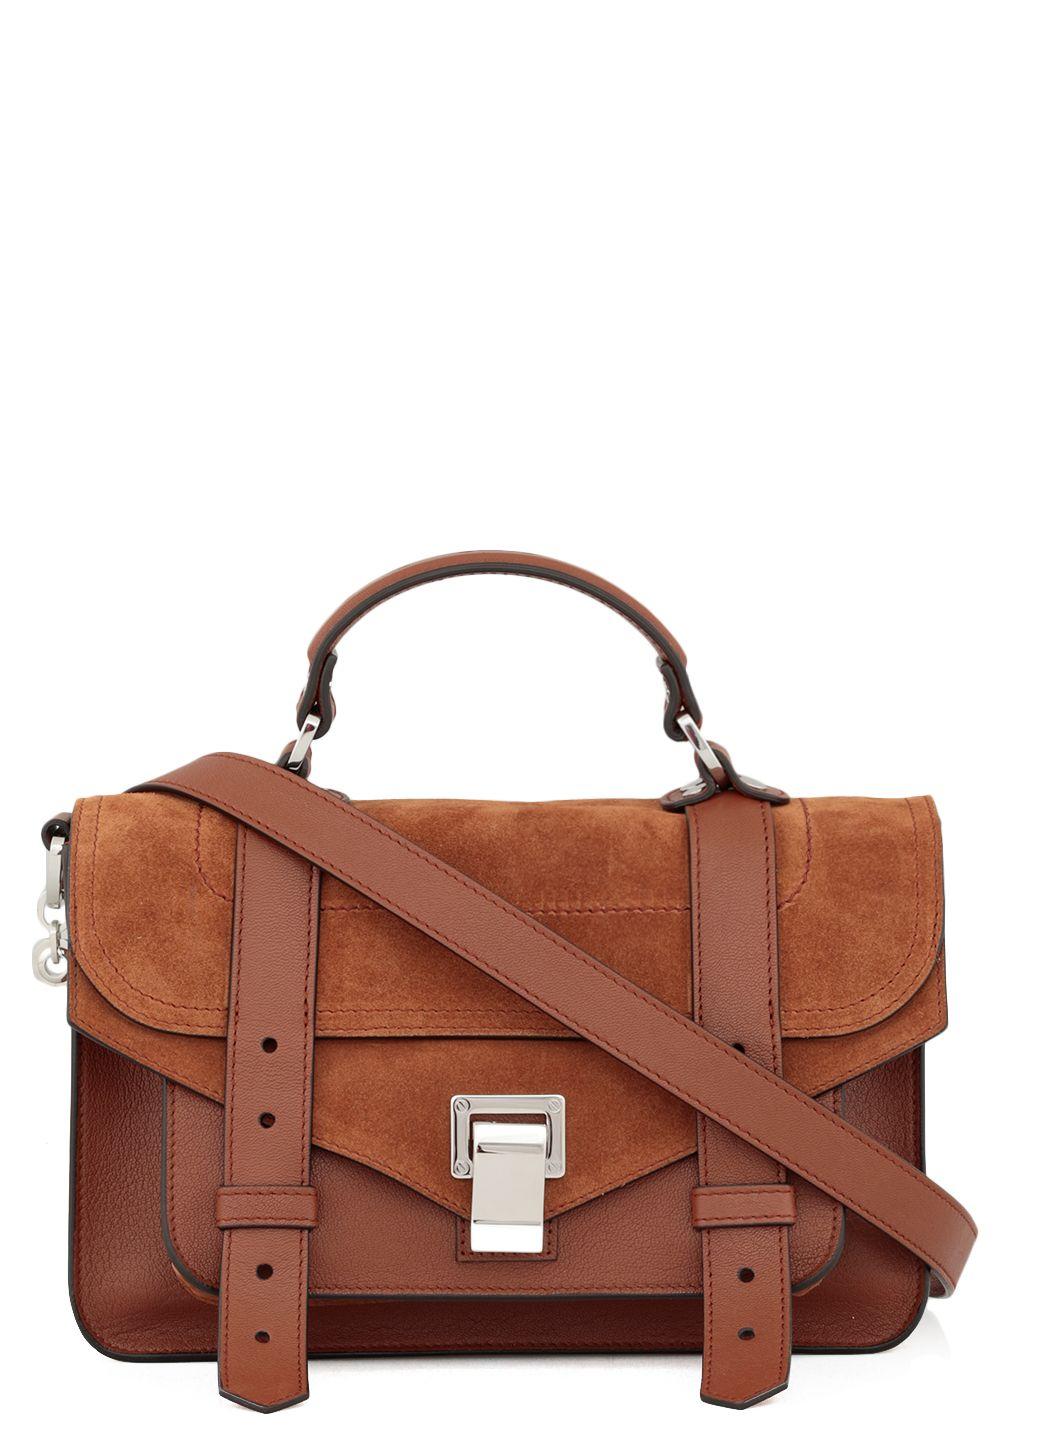 PS1 Tiny Satchel Bag